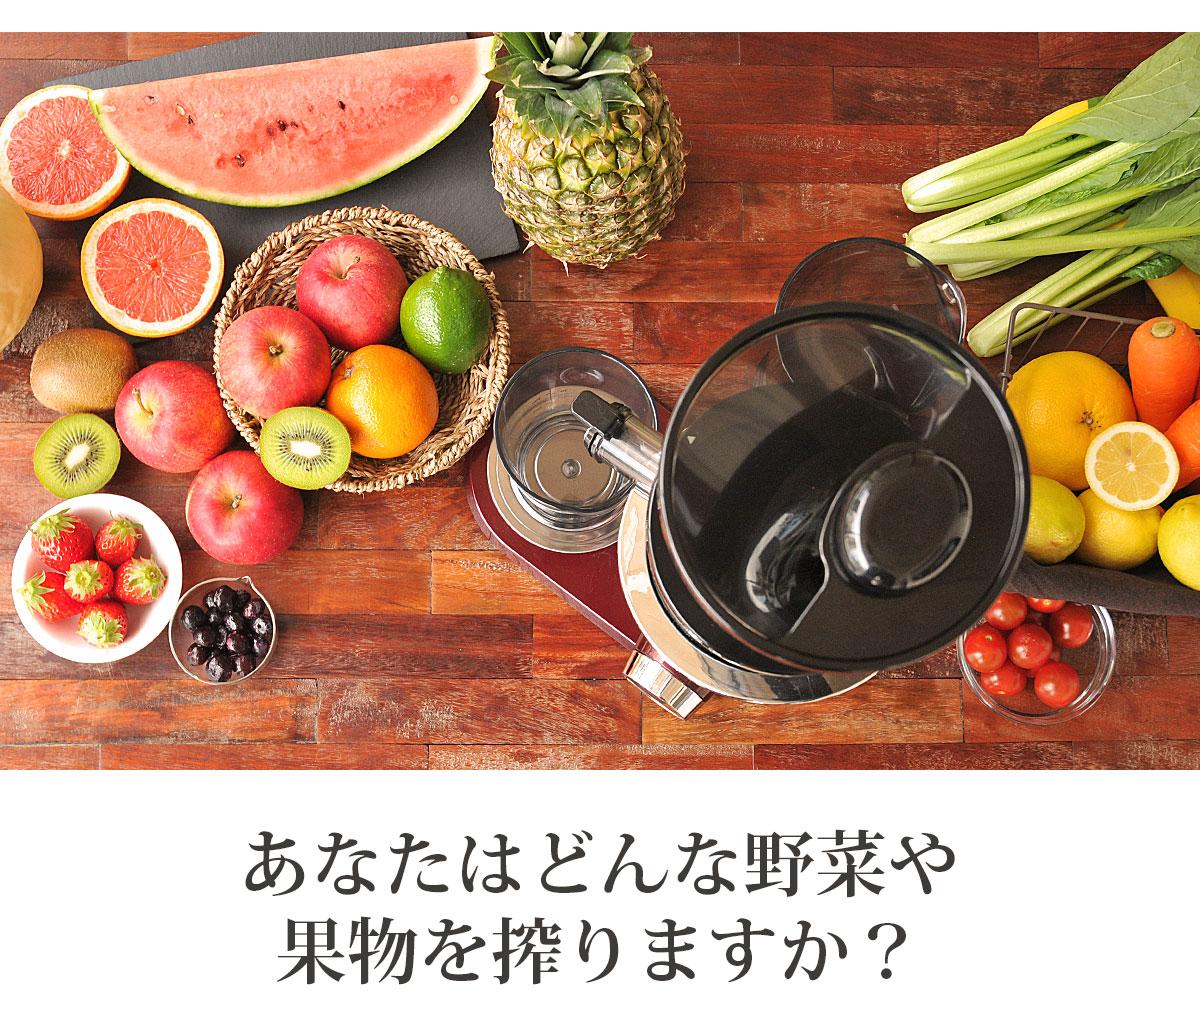 あなたはどんな野菜や果物を搾りますか?